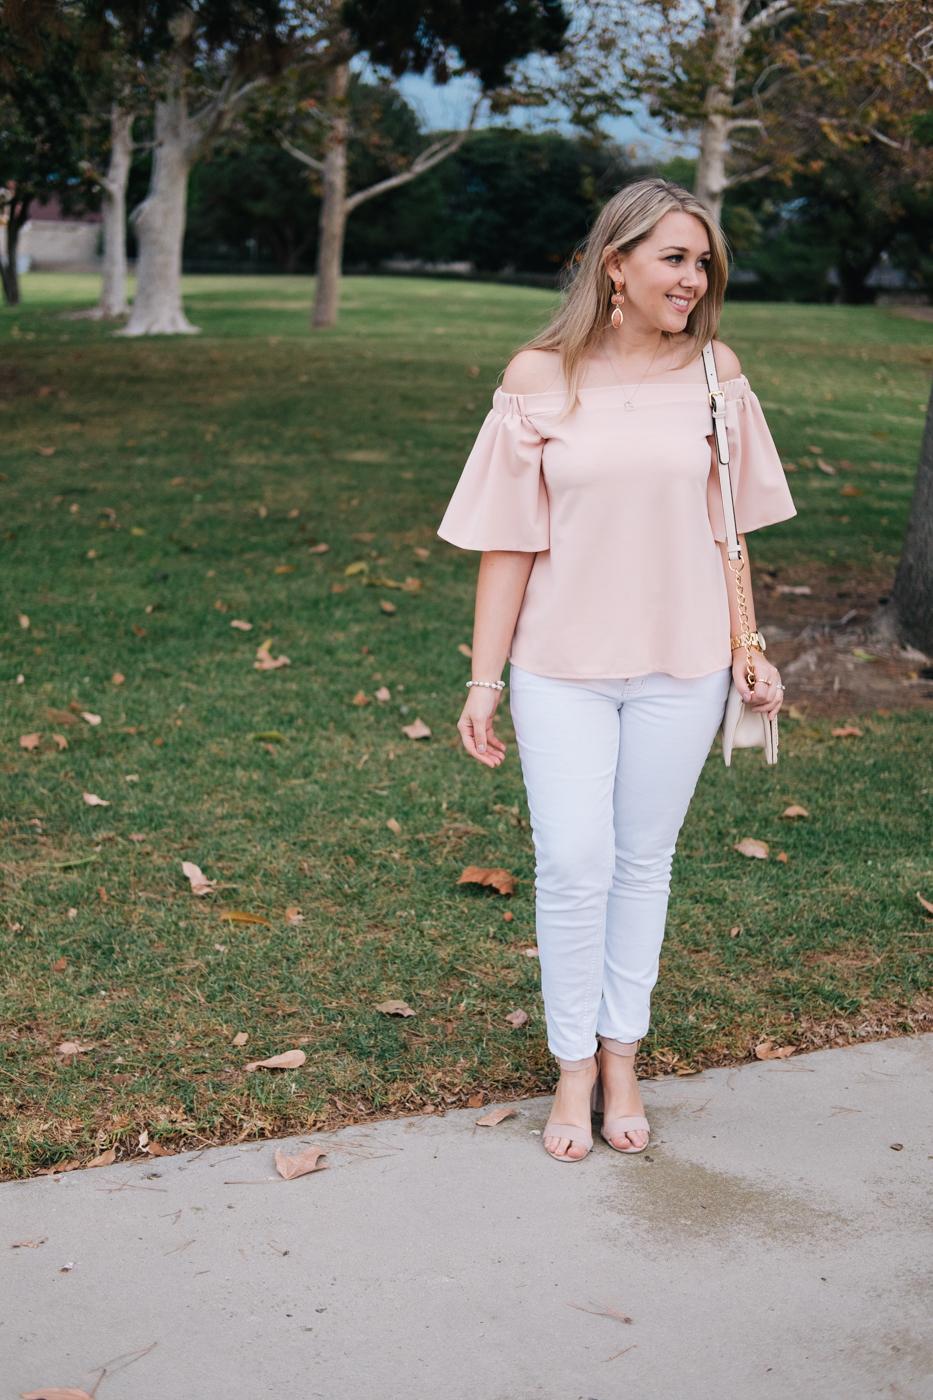 Debora Dahl wearing neutral colors